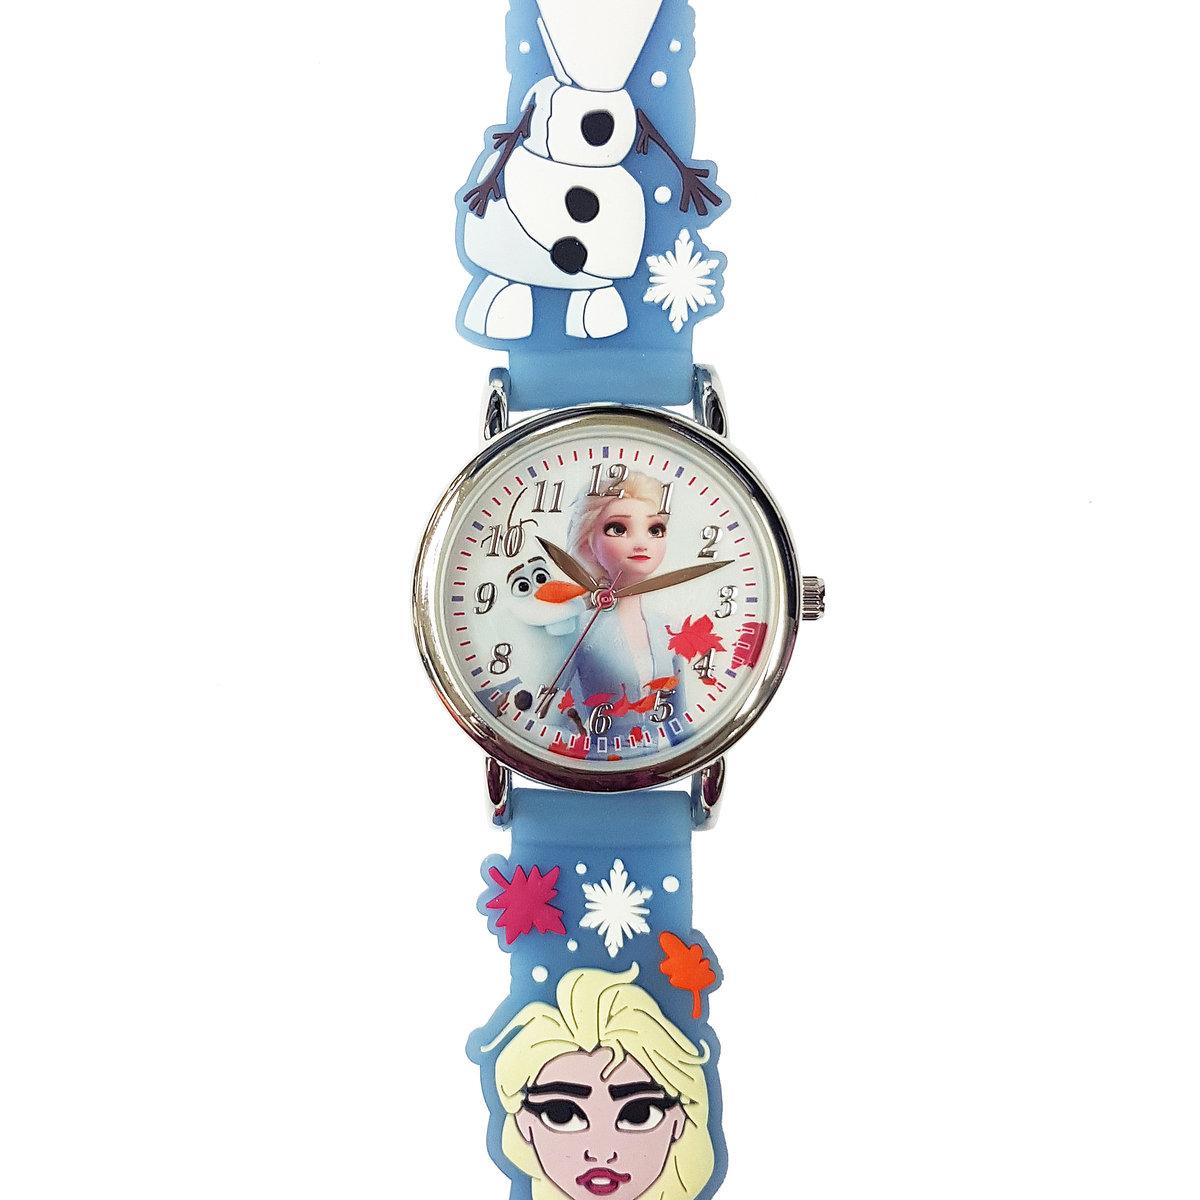 DISNEY FROZEN 2 - Luminous watch wrist watch - Elsa/Olaf (Licensed by Disney)